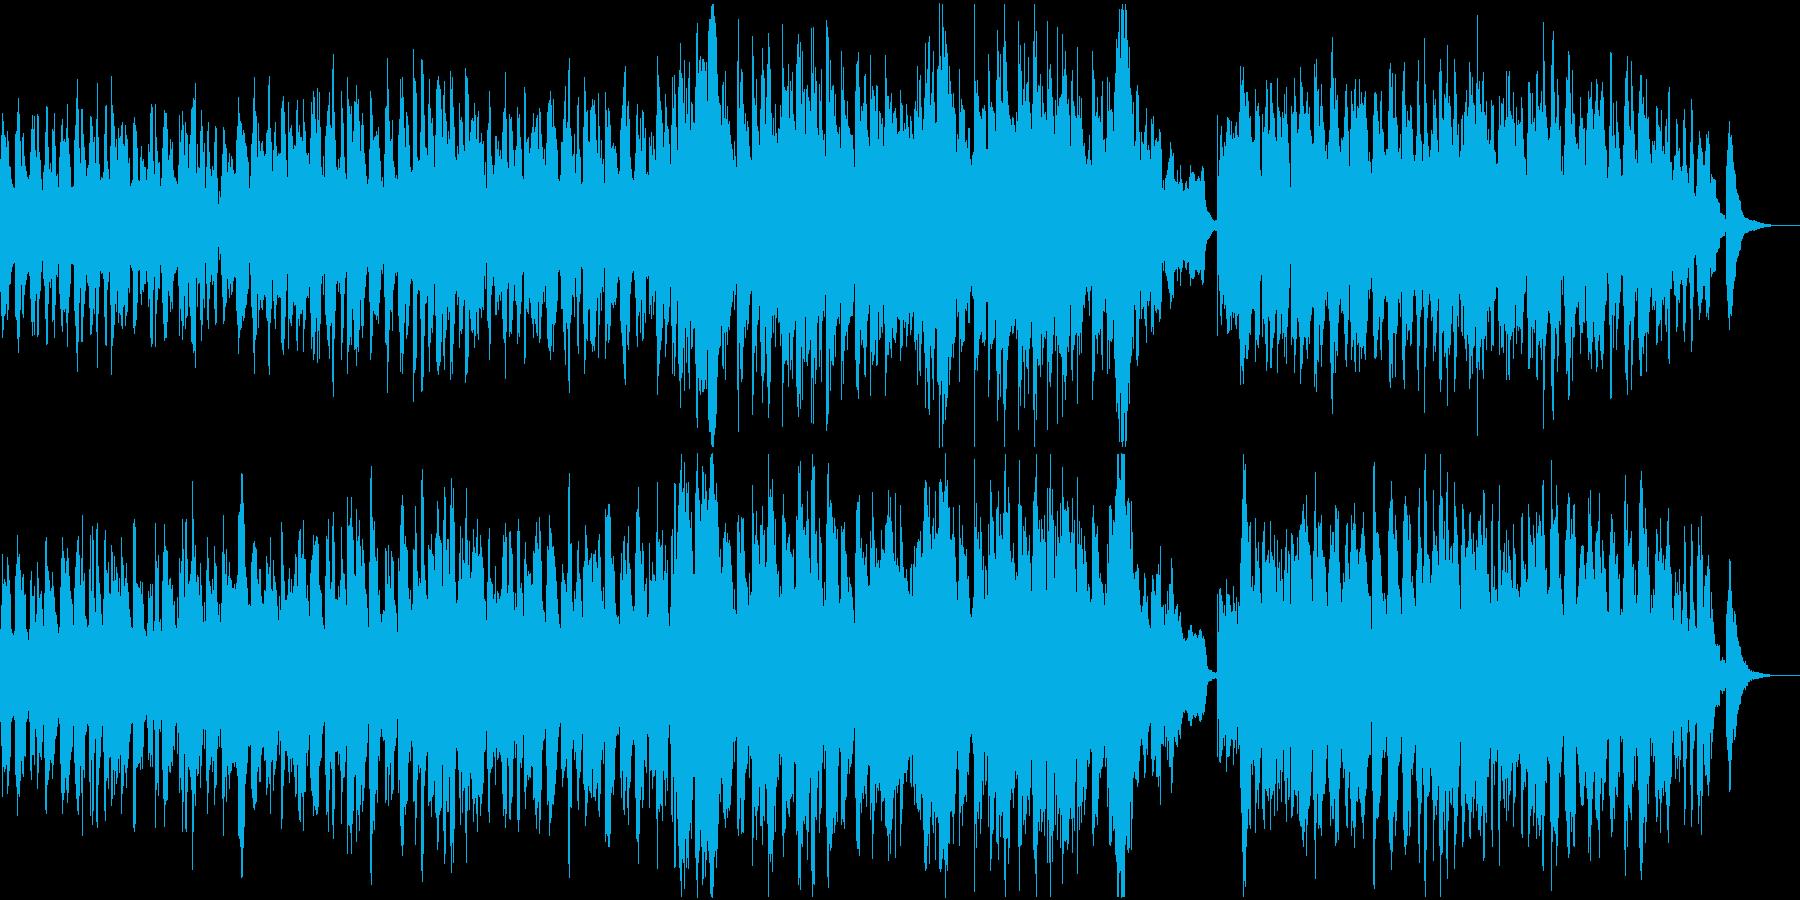 ハロウィンを表現した怪しいオーケストラ曲の再生済みの波形